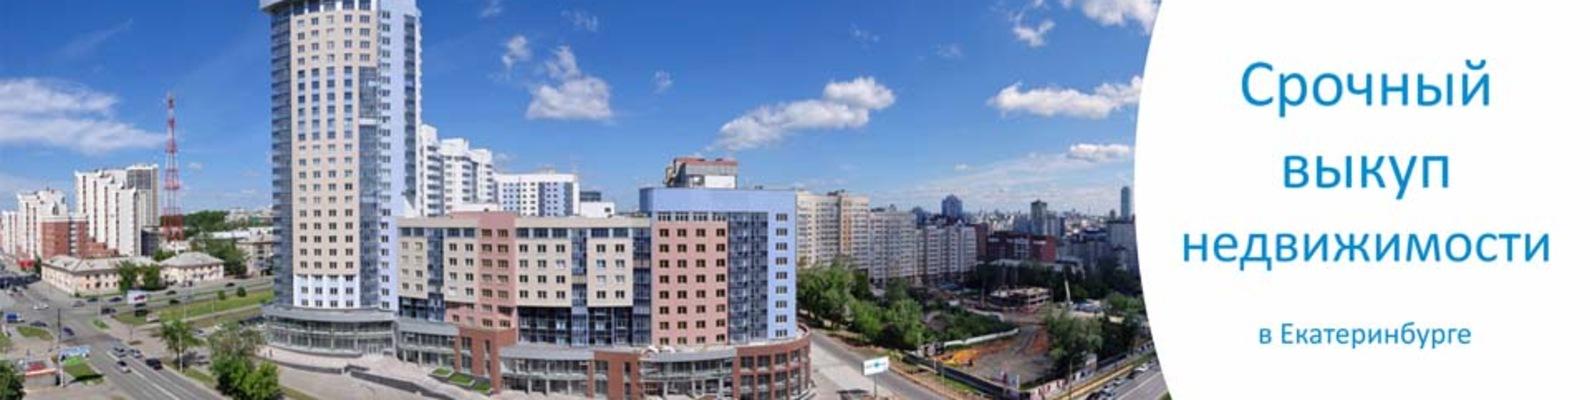 Выкуп коммерческой недвижимости екатеринбург Коммерческая недвижимость Сеченовский переулок